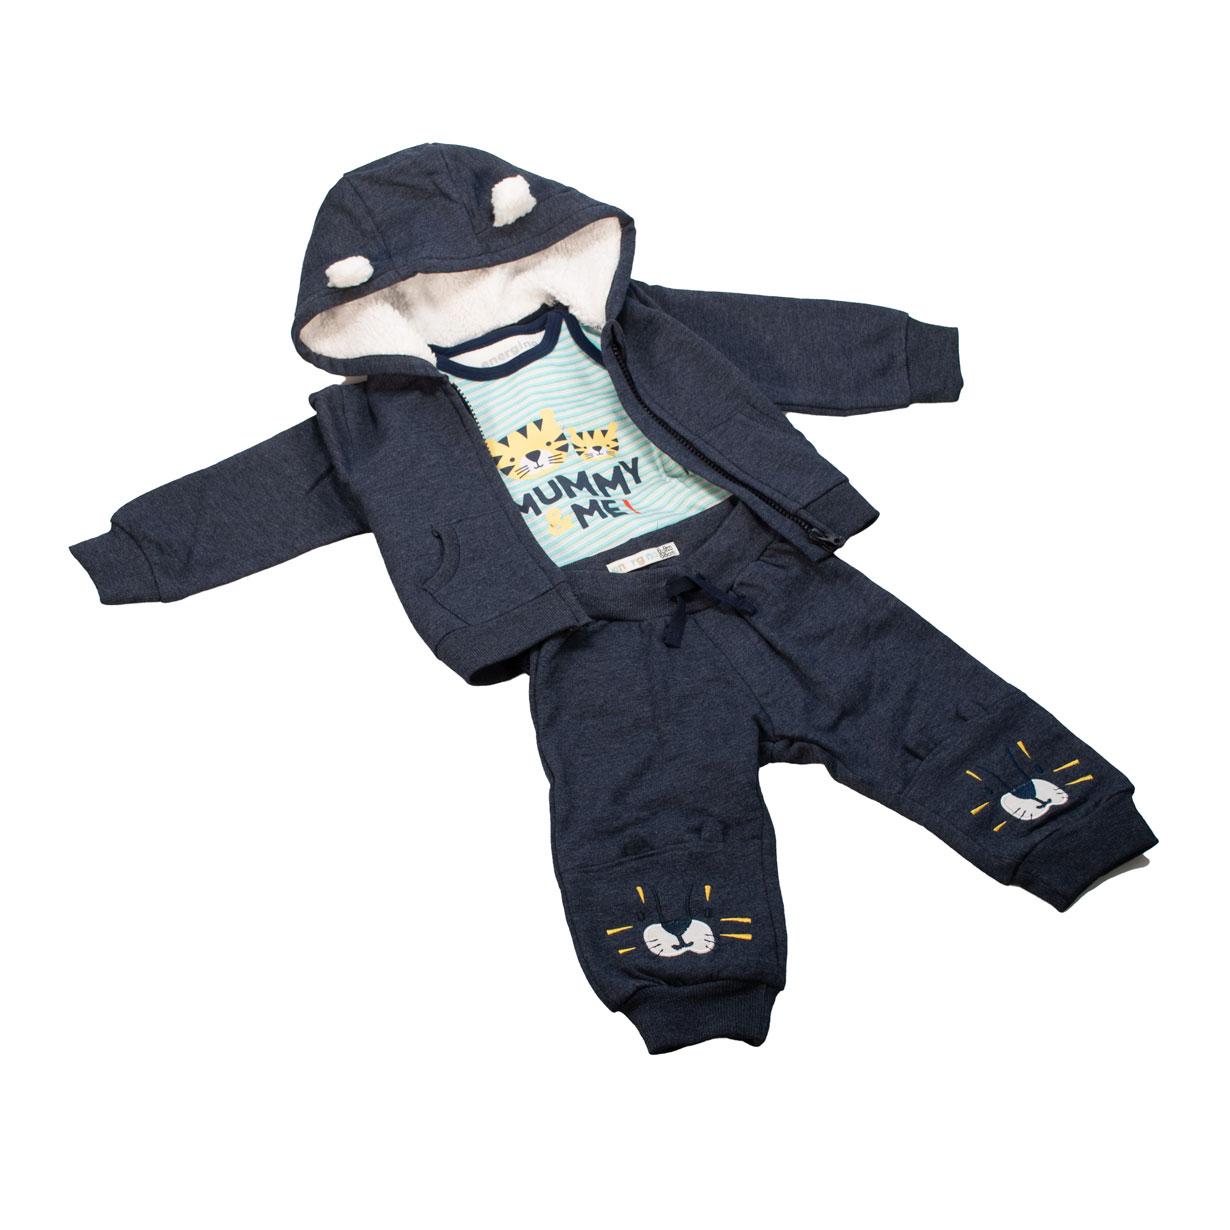 Completo neonato 3 pezzi – body, felpa e pantaloni